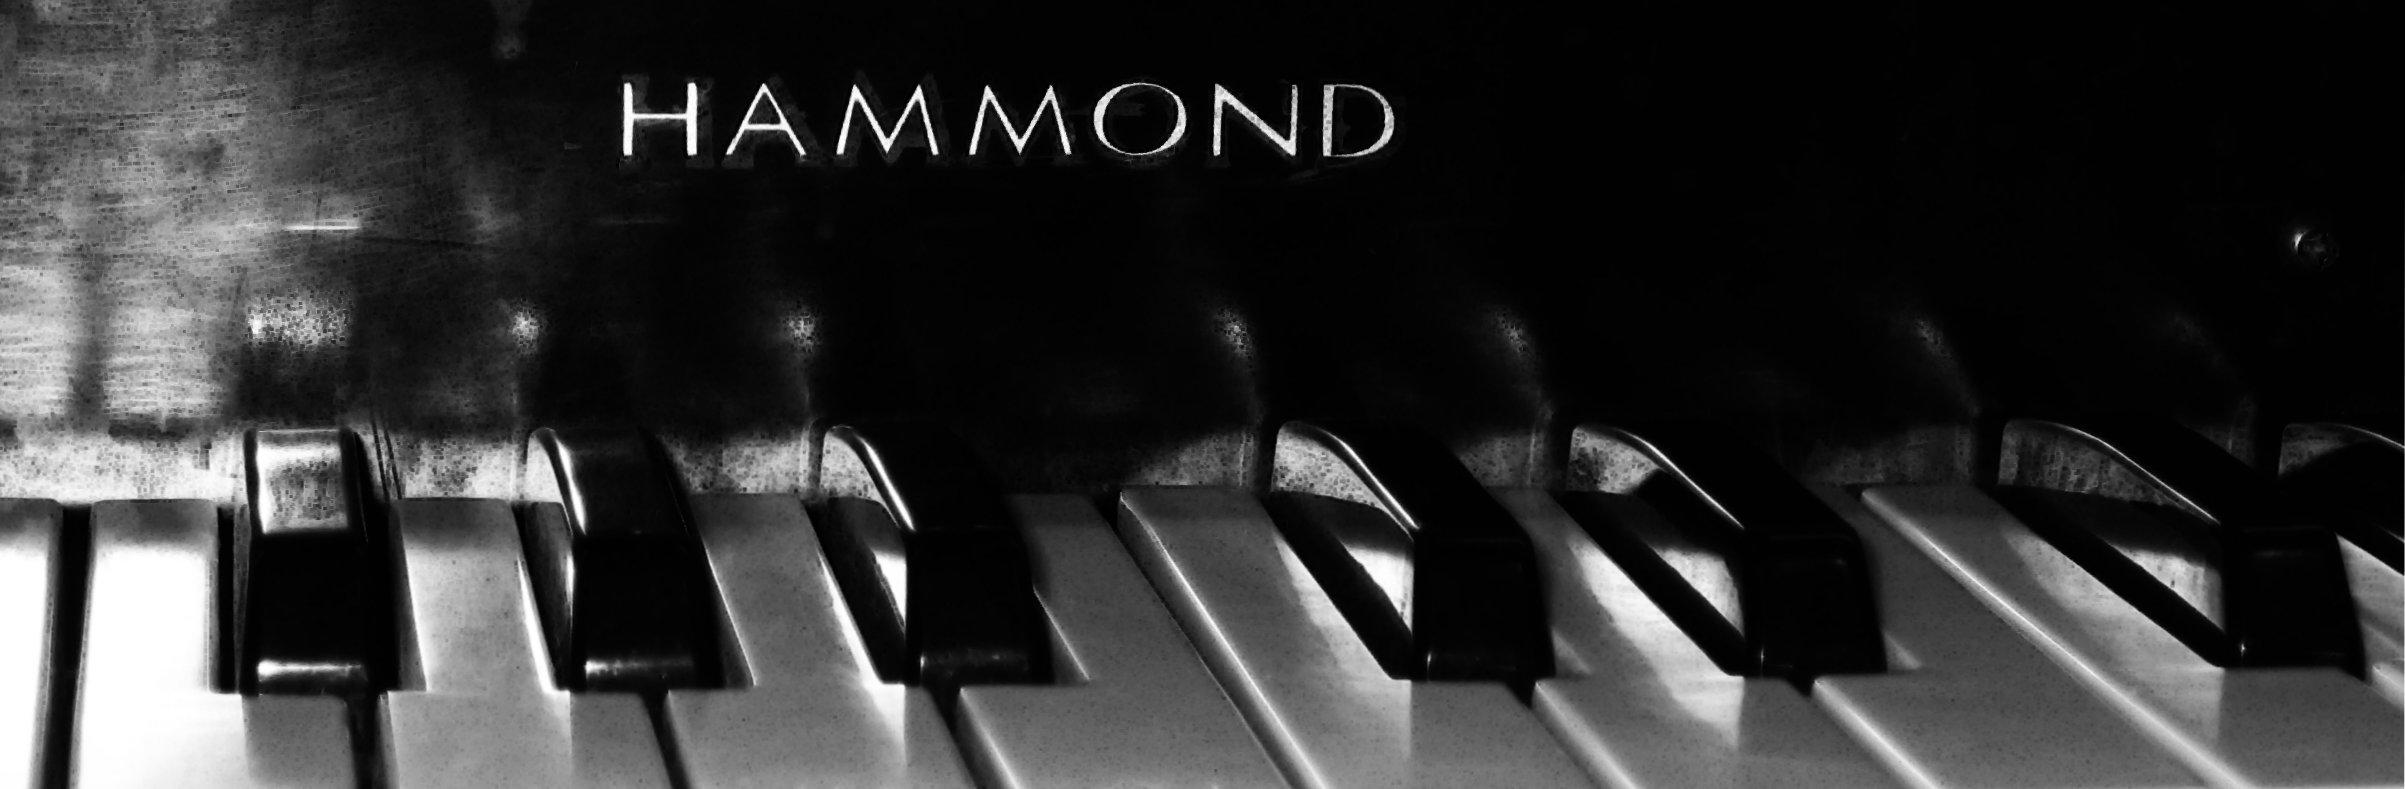 buy hammond organ leslie speaker guitar amps amplifiers